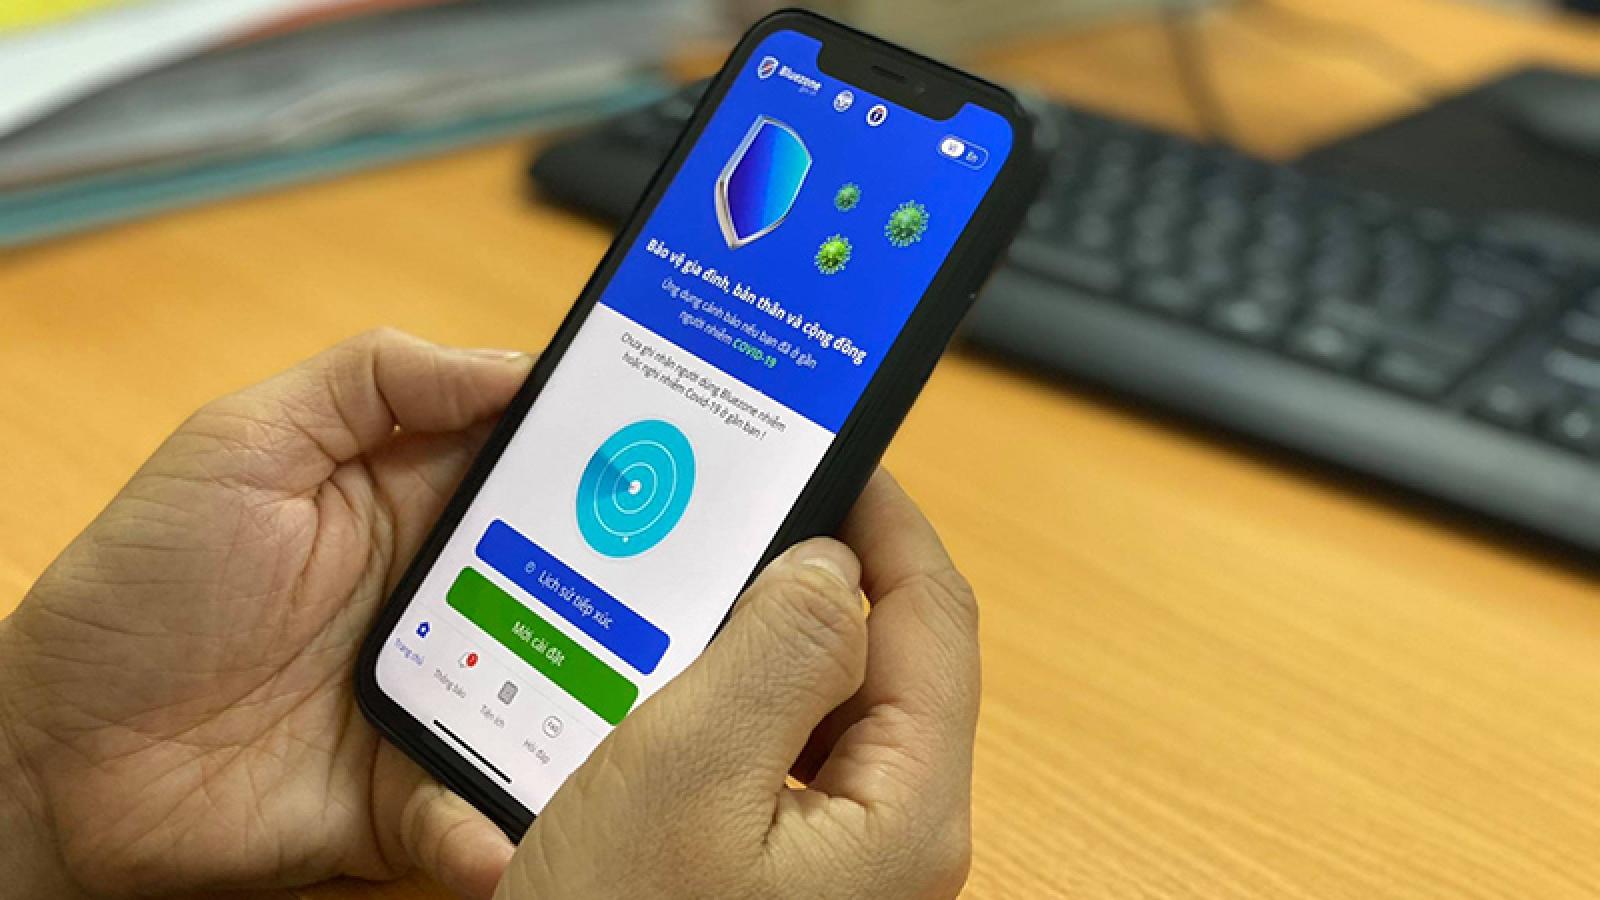 Không cài ứng dụng phòng dịch trên smartphone sẽ bị phạt